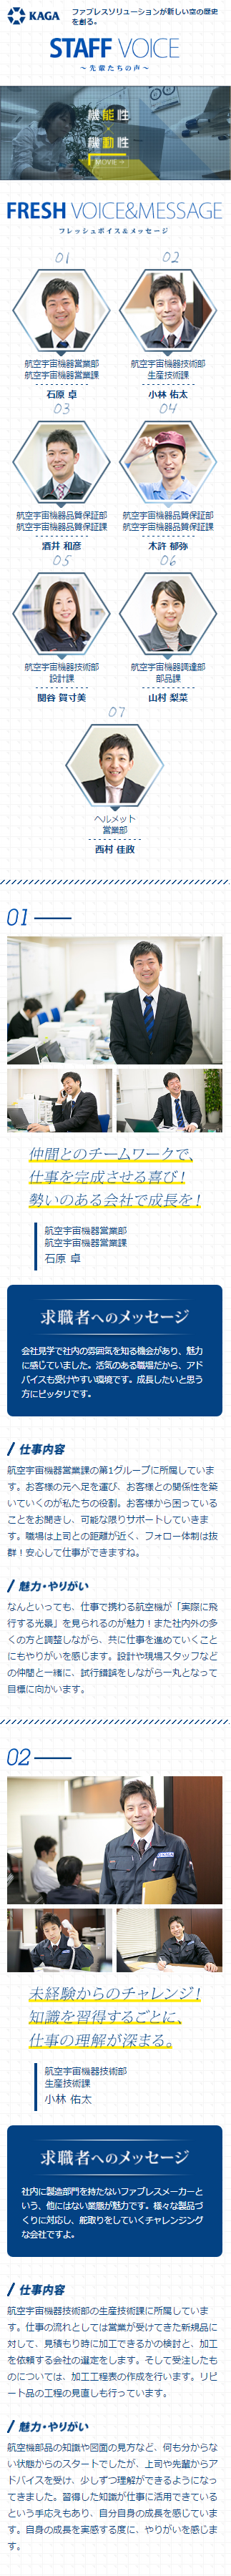 加賀産業株式会社 STAFF VOICE 先輩たちの声 スマホ版